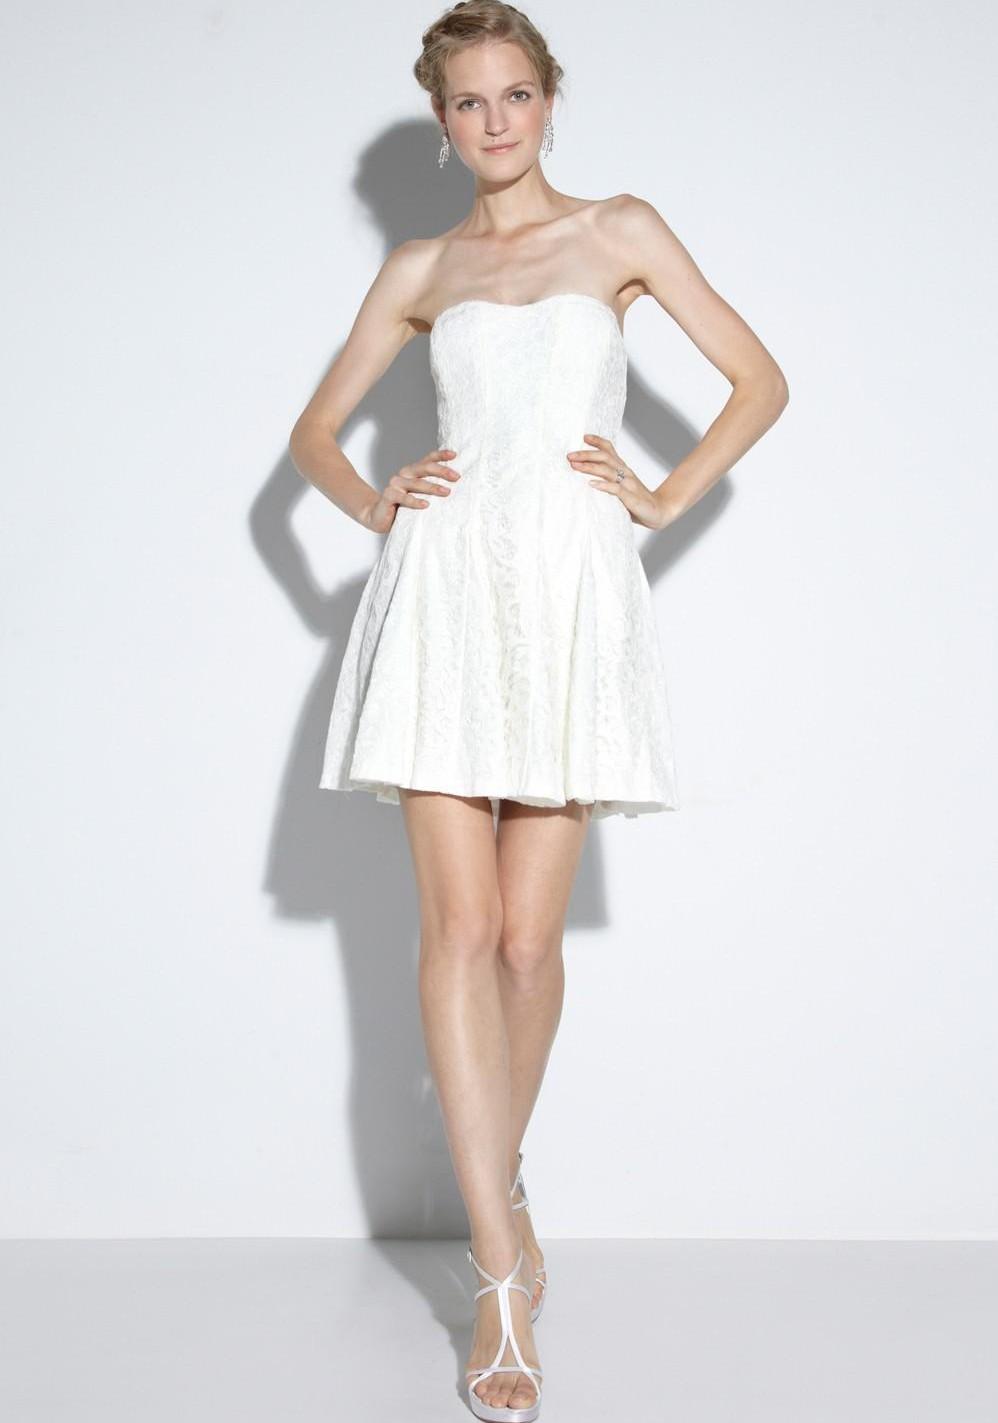 short beach wedding dresses mini backless wedding dress vestidos de novia strapless bridal casual gowns cheap custom made